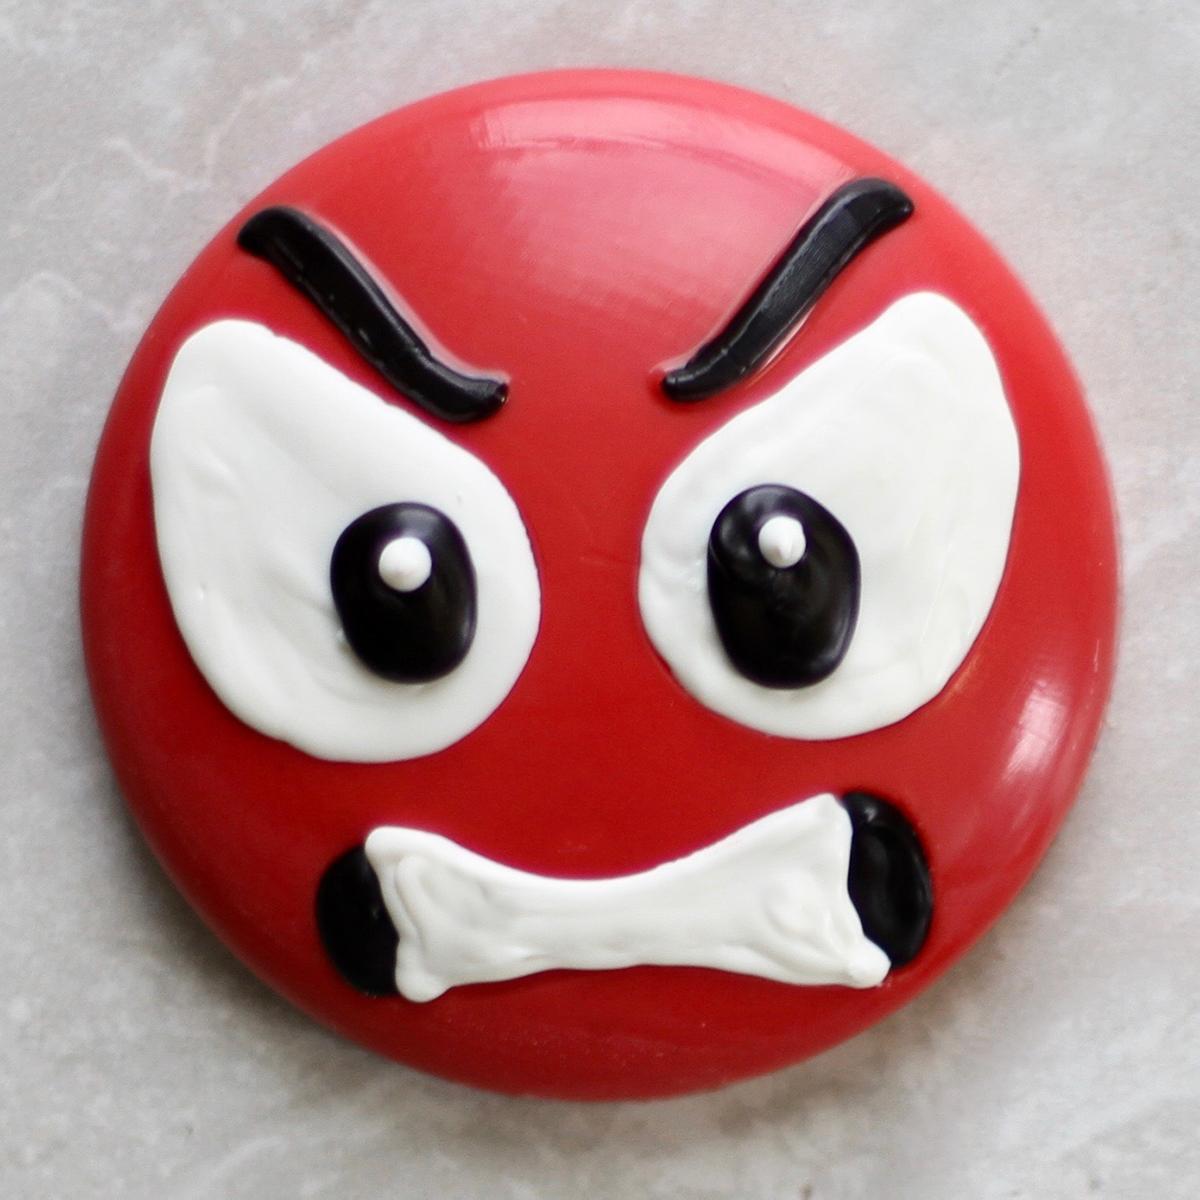 Angry Emoji Chocolate Mold